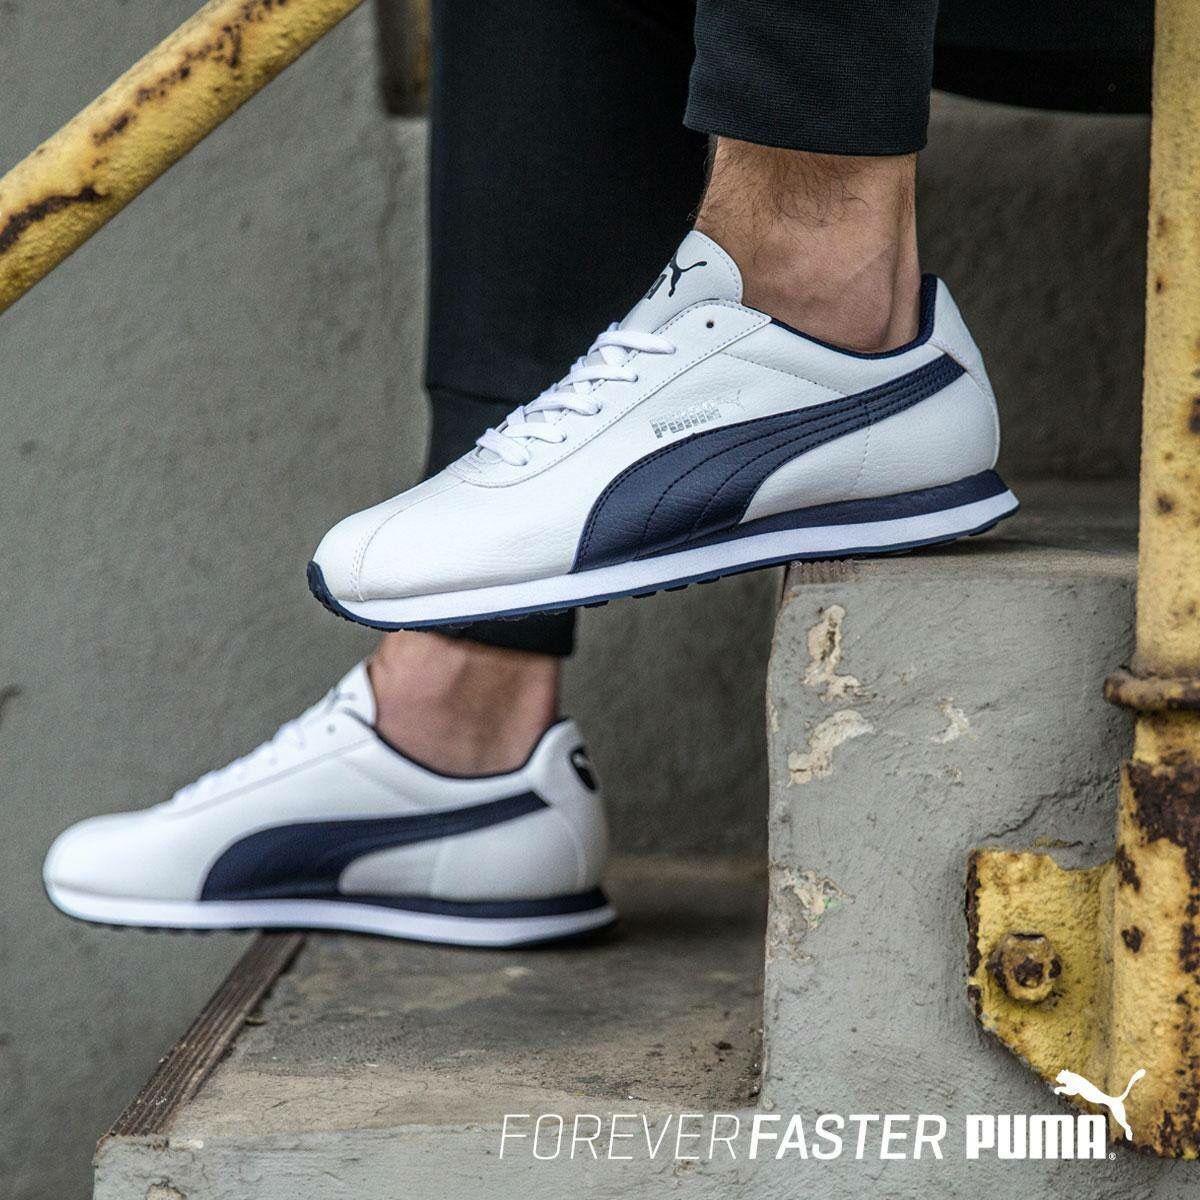 Hot Days Fashion Sneakers Puma Zurich Rudolf Dassler Vintage